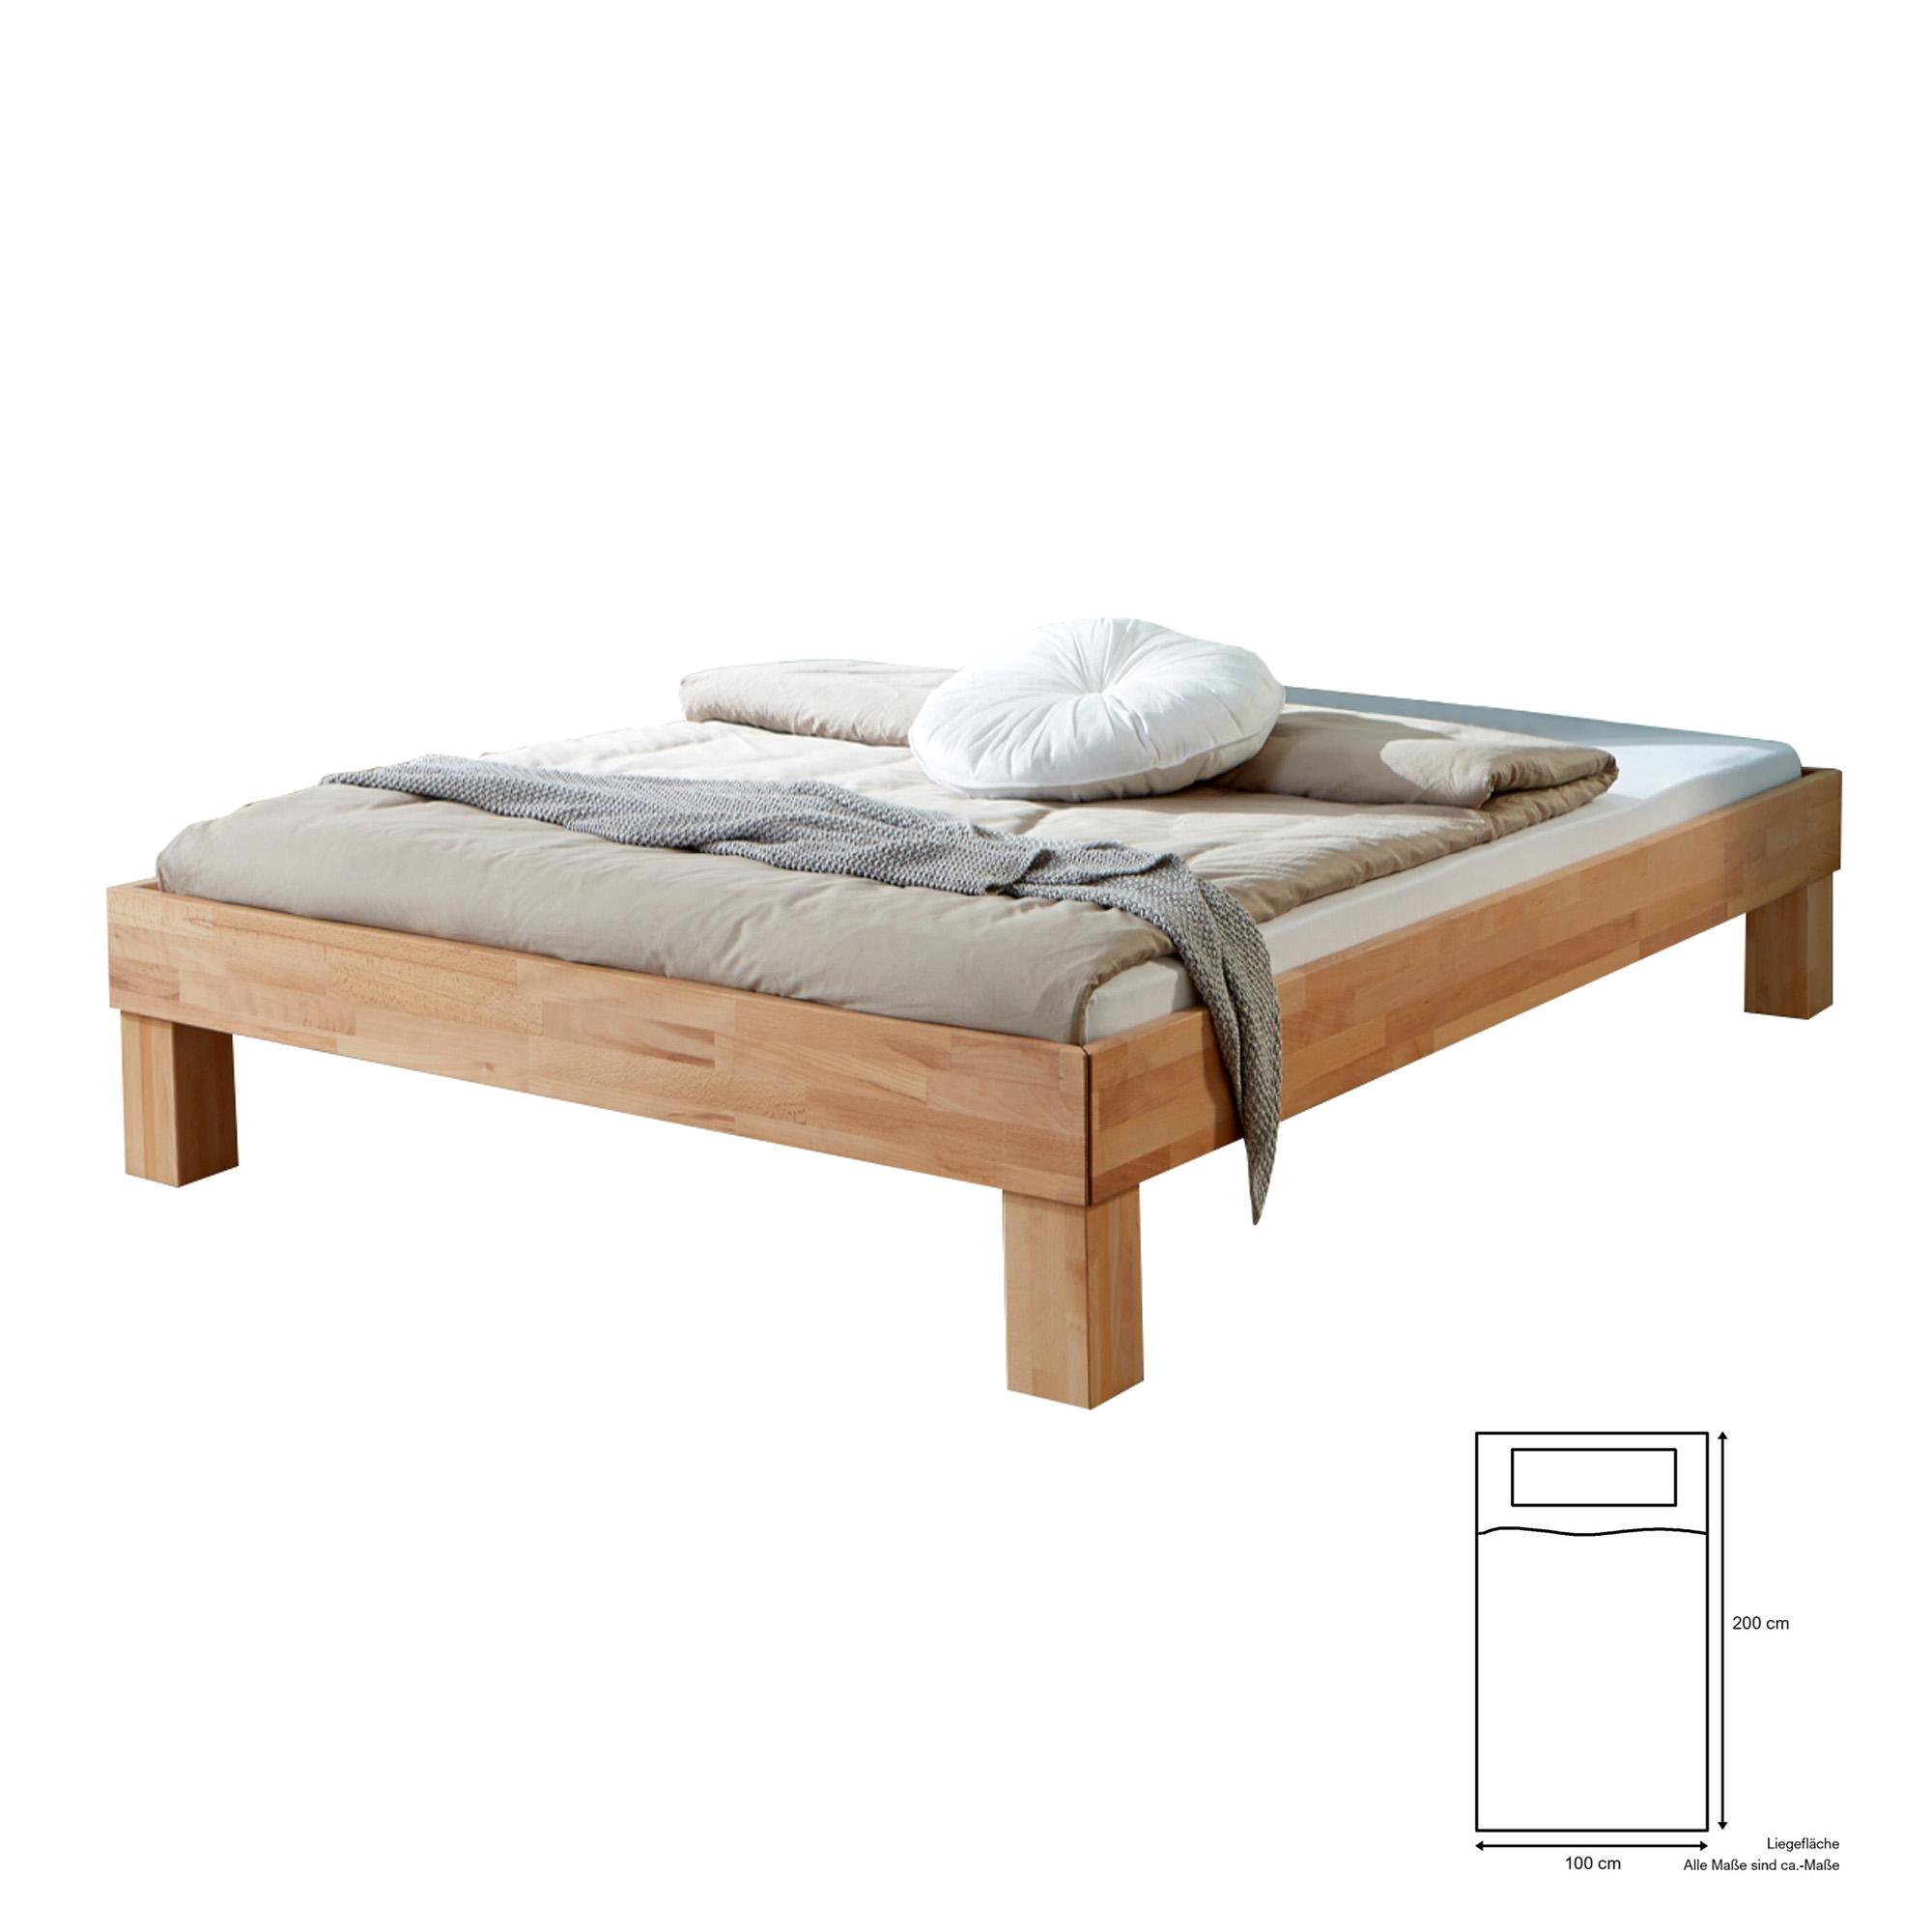 Full Size of Futonbett Manuela Liegeflche 100 200 Cm Massivholz Gelte Bett 100x200 Betten Weiß Wohnzimmer Futonbett 100x200